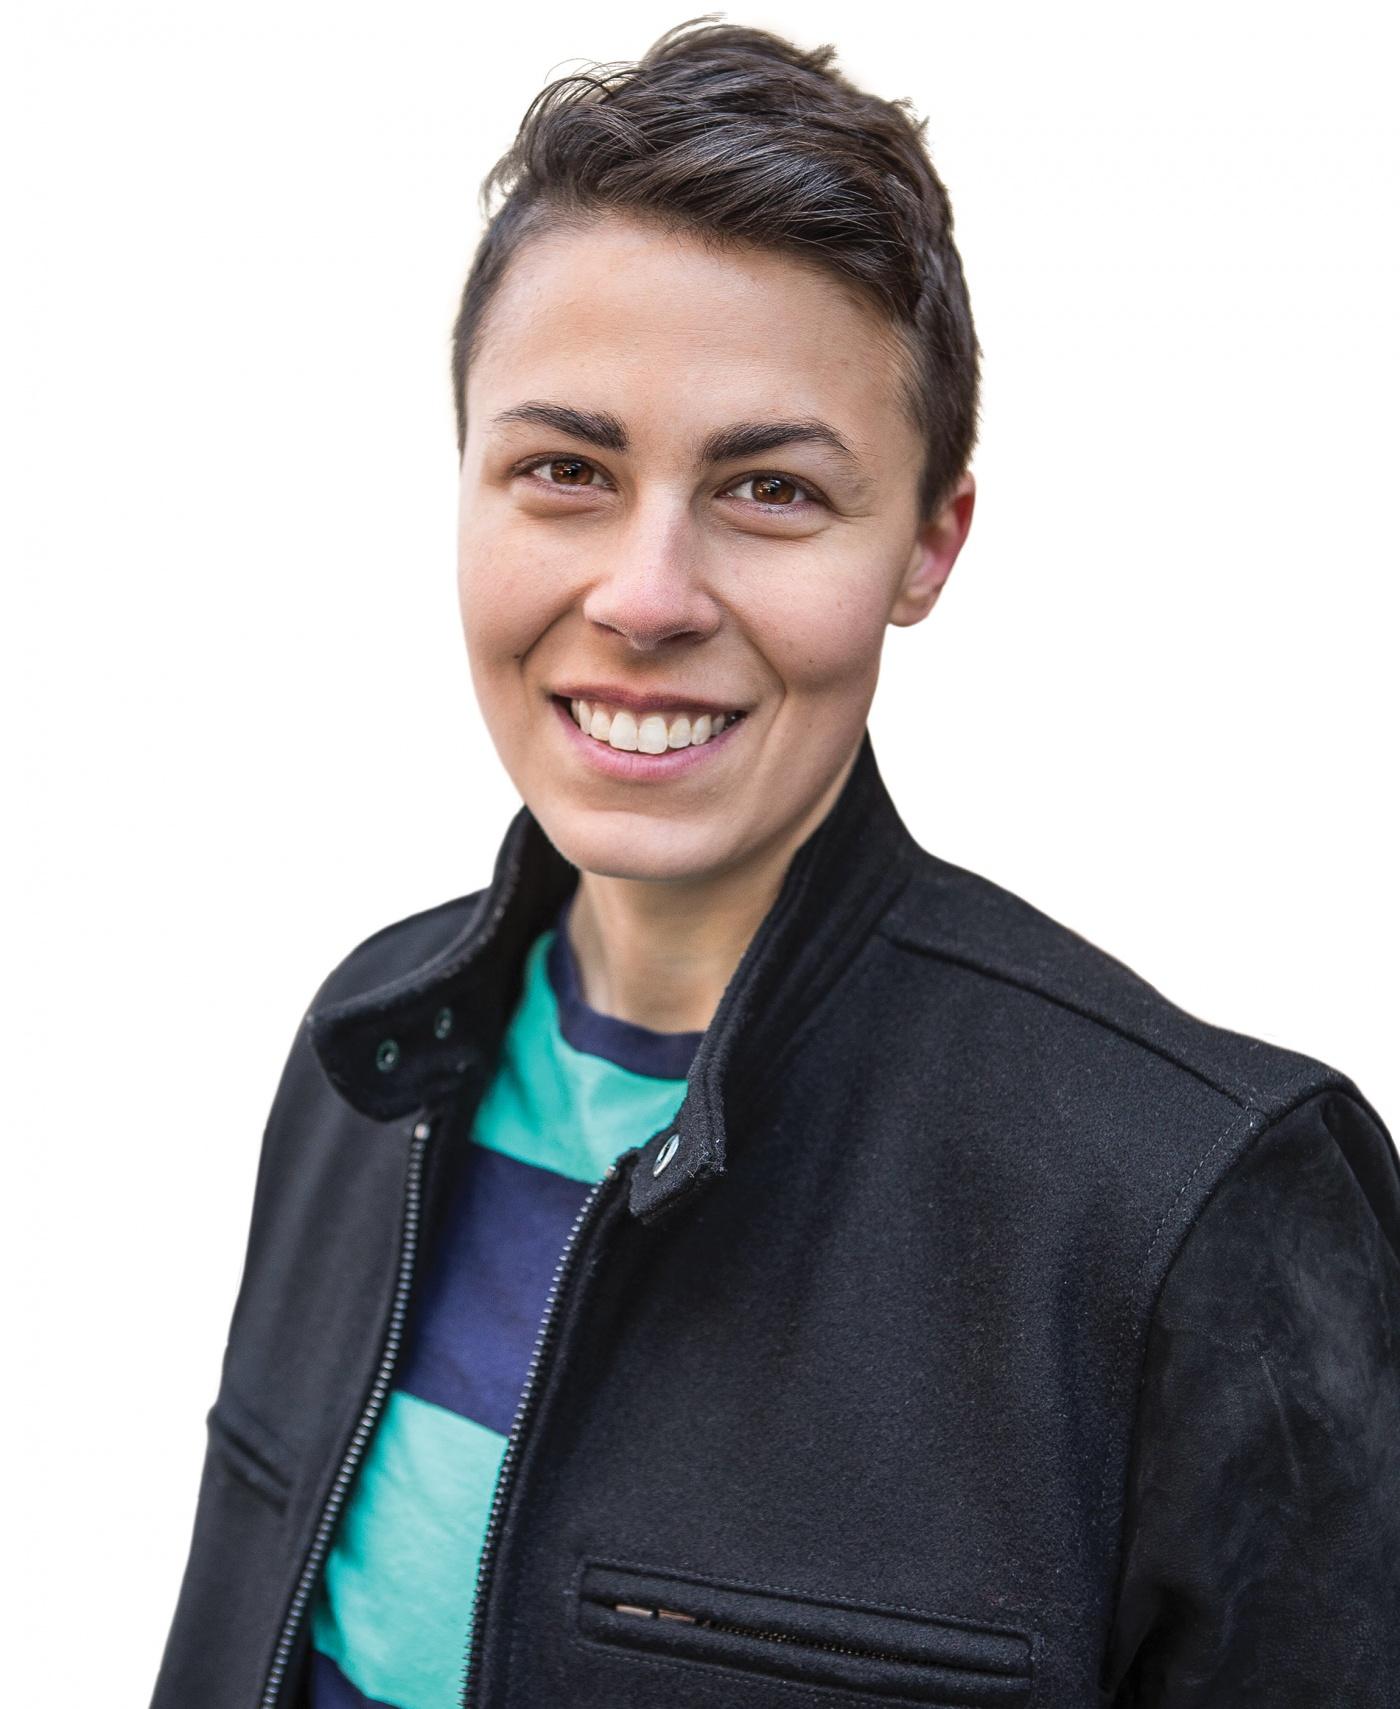 Portrait of Jennifer Zeynab Joukhadar